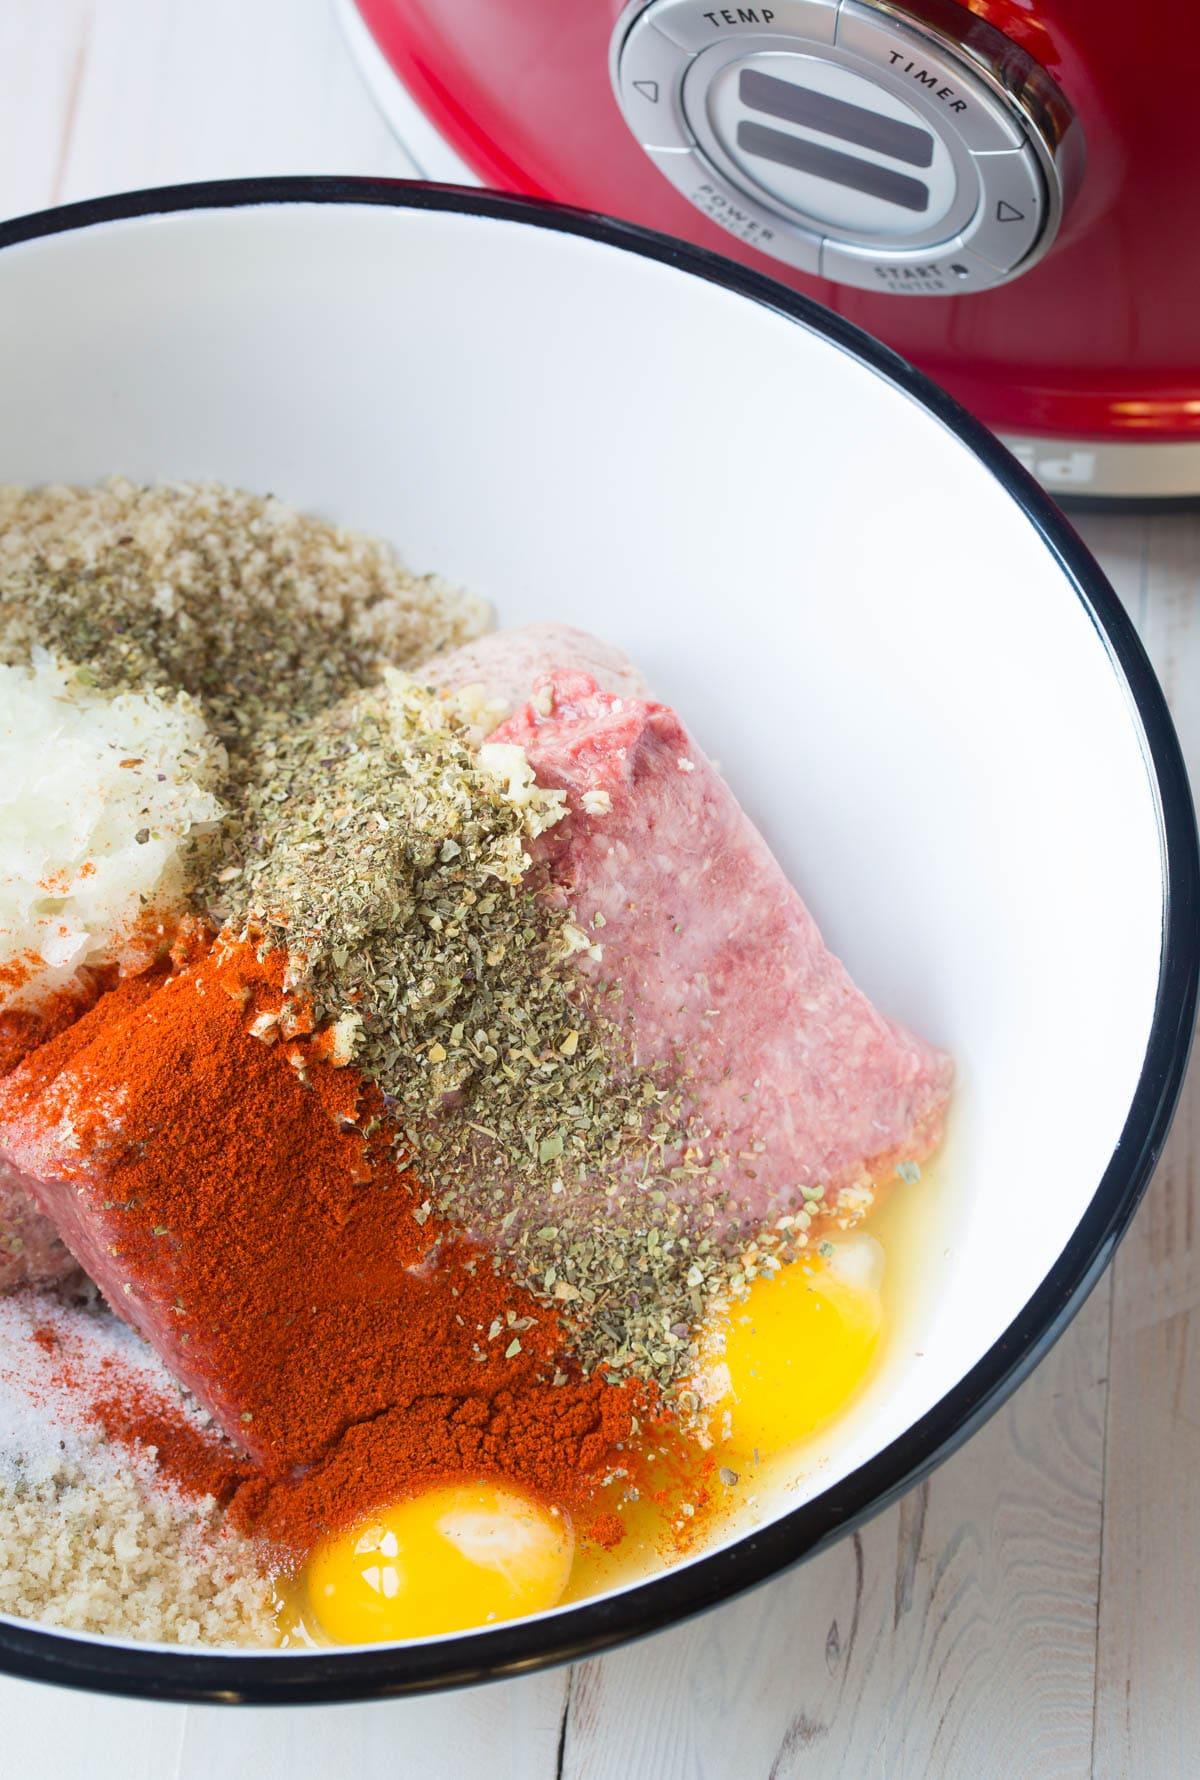 Making Slow Cooker Cocktail Meatballs Recipe - (Crock Pot Meatballs) #ASpicyPerspective #meatballs #slowcooker #crockpot #meatballs